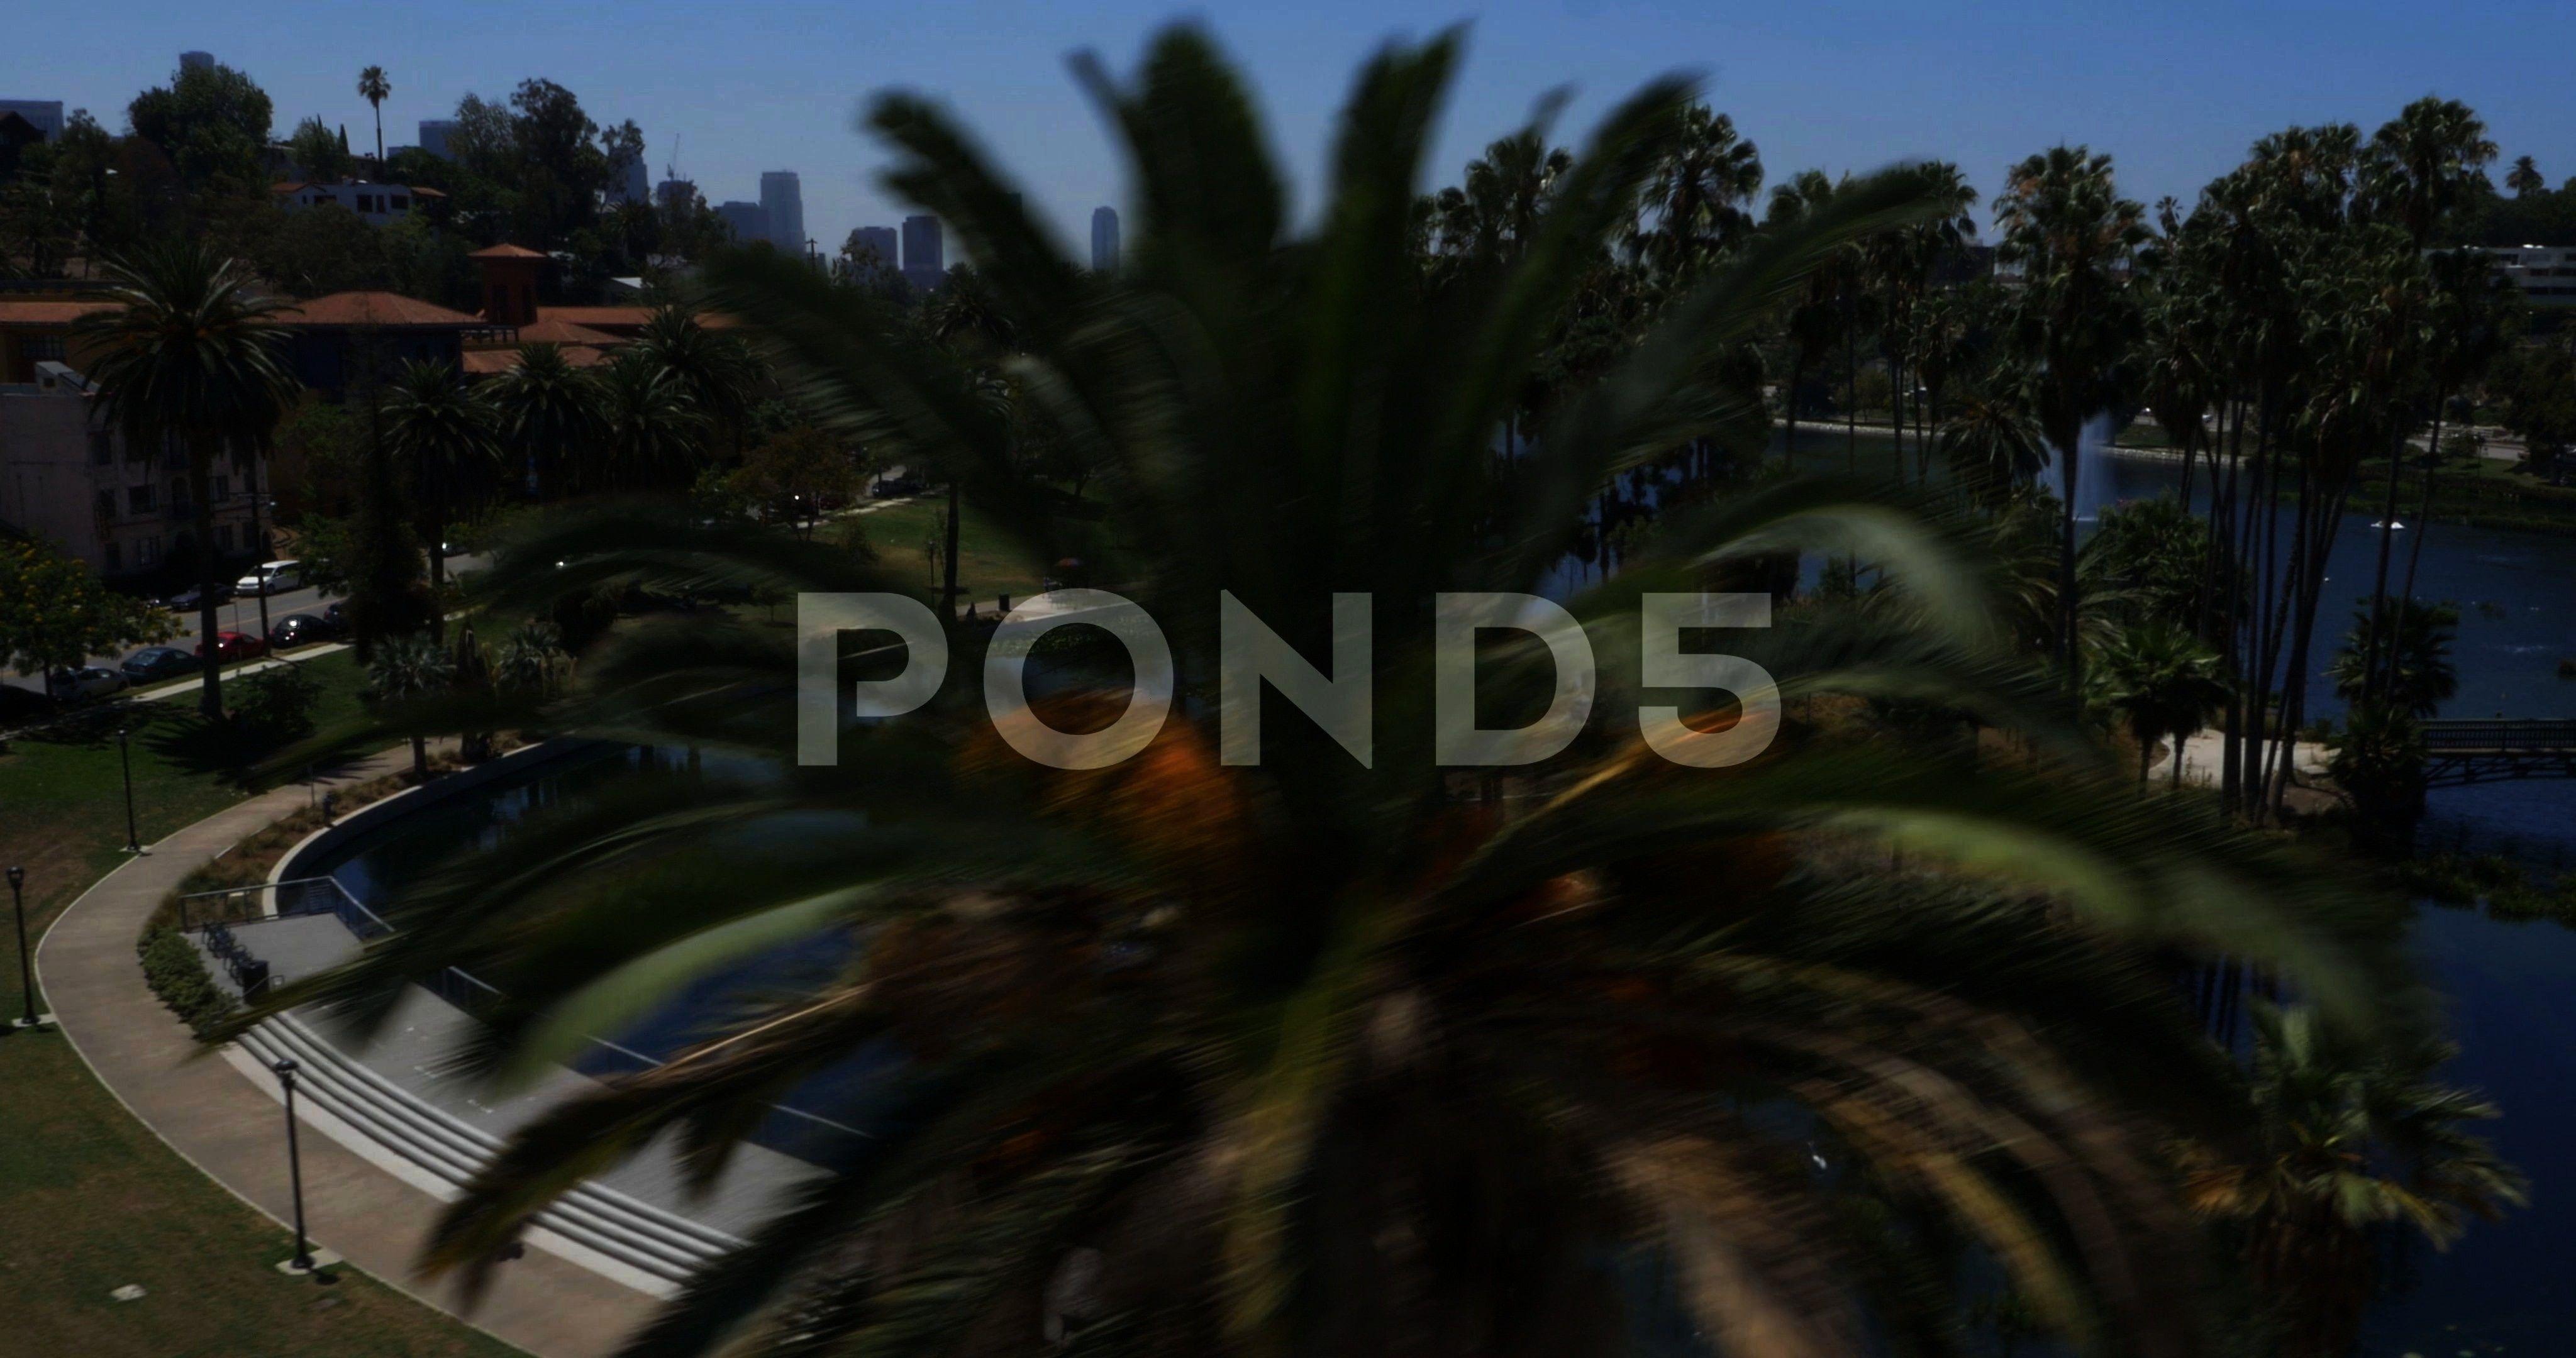 Echo Park Lake in Los Angeles California Stock Footage ParkLakeEchoAerialAerial Reveal of Echo Park Lake in Los Angeles California Stock Footage ParkLakeEchoAerialReveal...